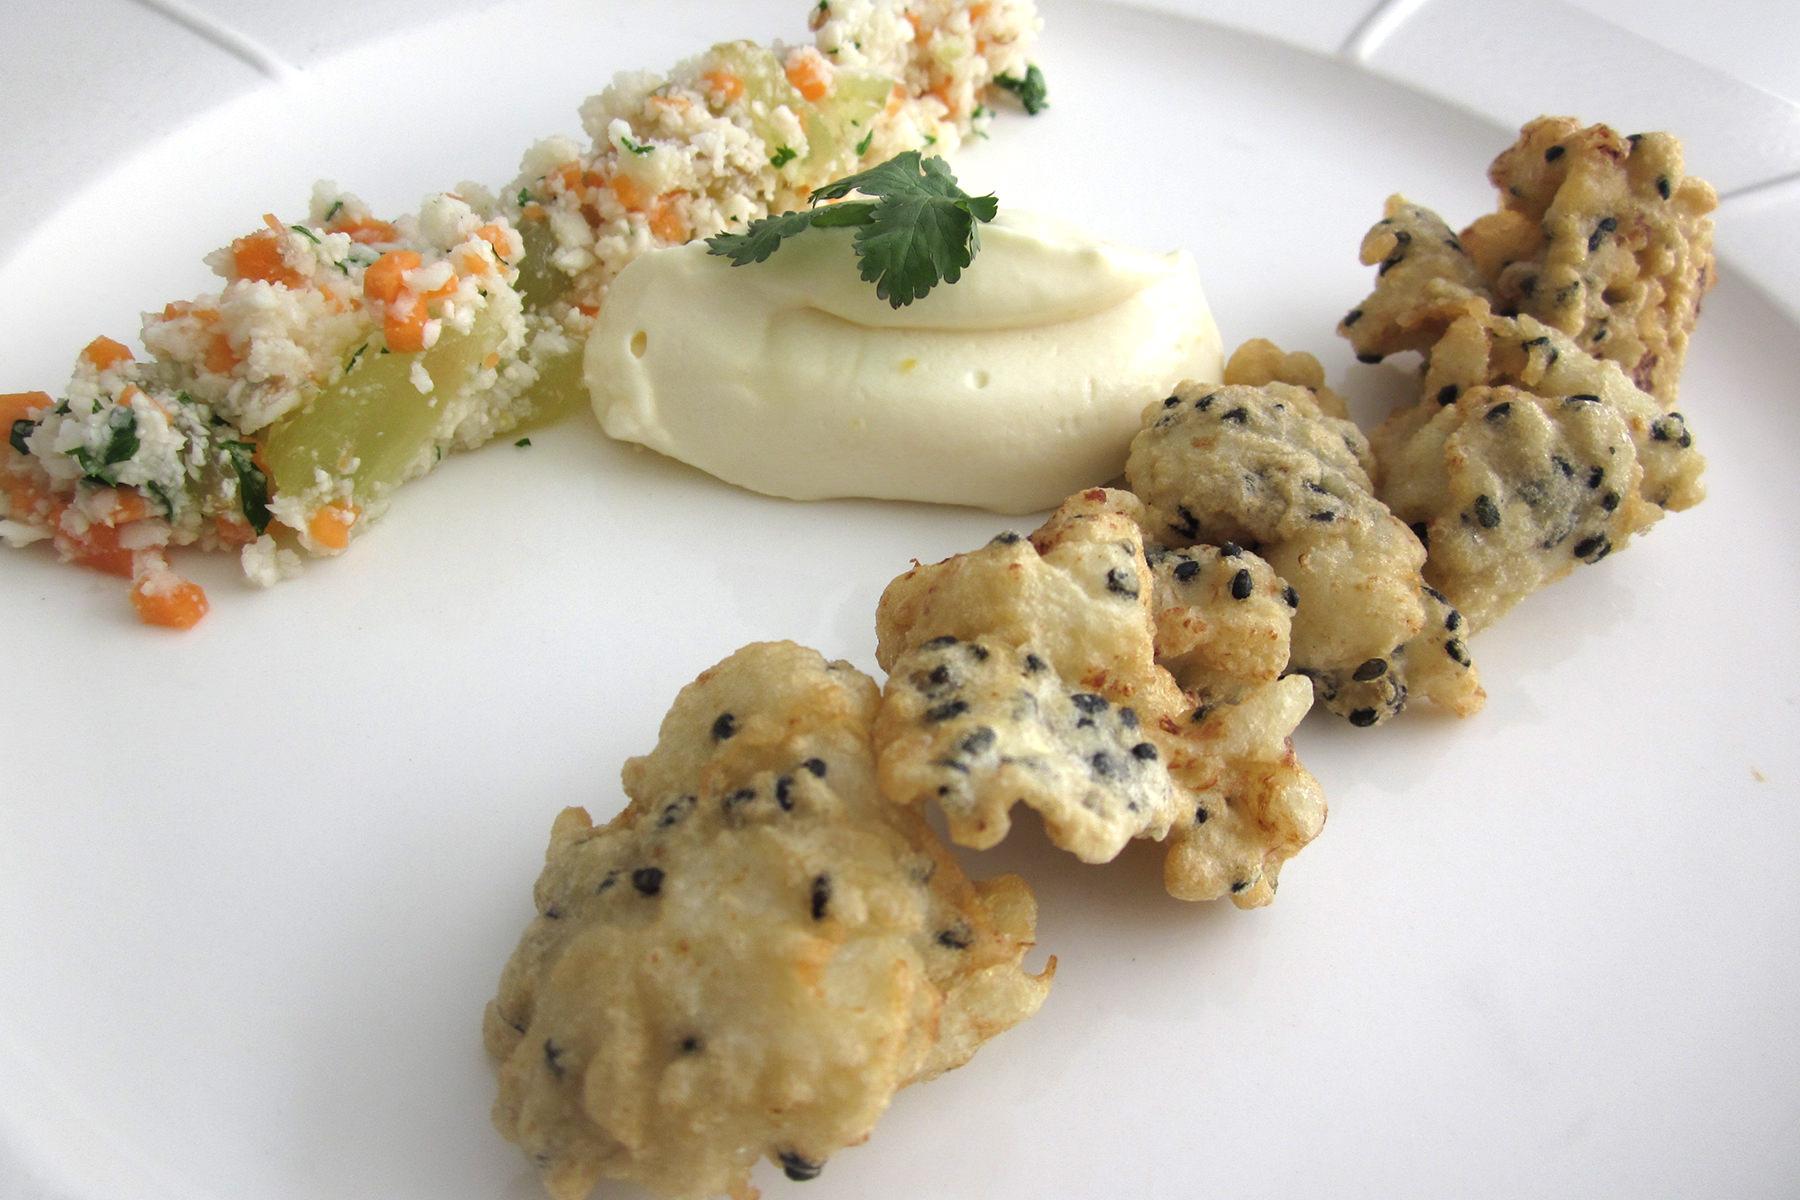 Curso de técnicas avanzadas de la Escuela de cocina TELVA - Programa - Buñuelos de coliflor